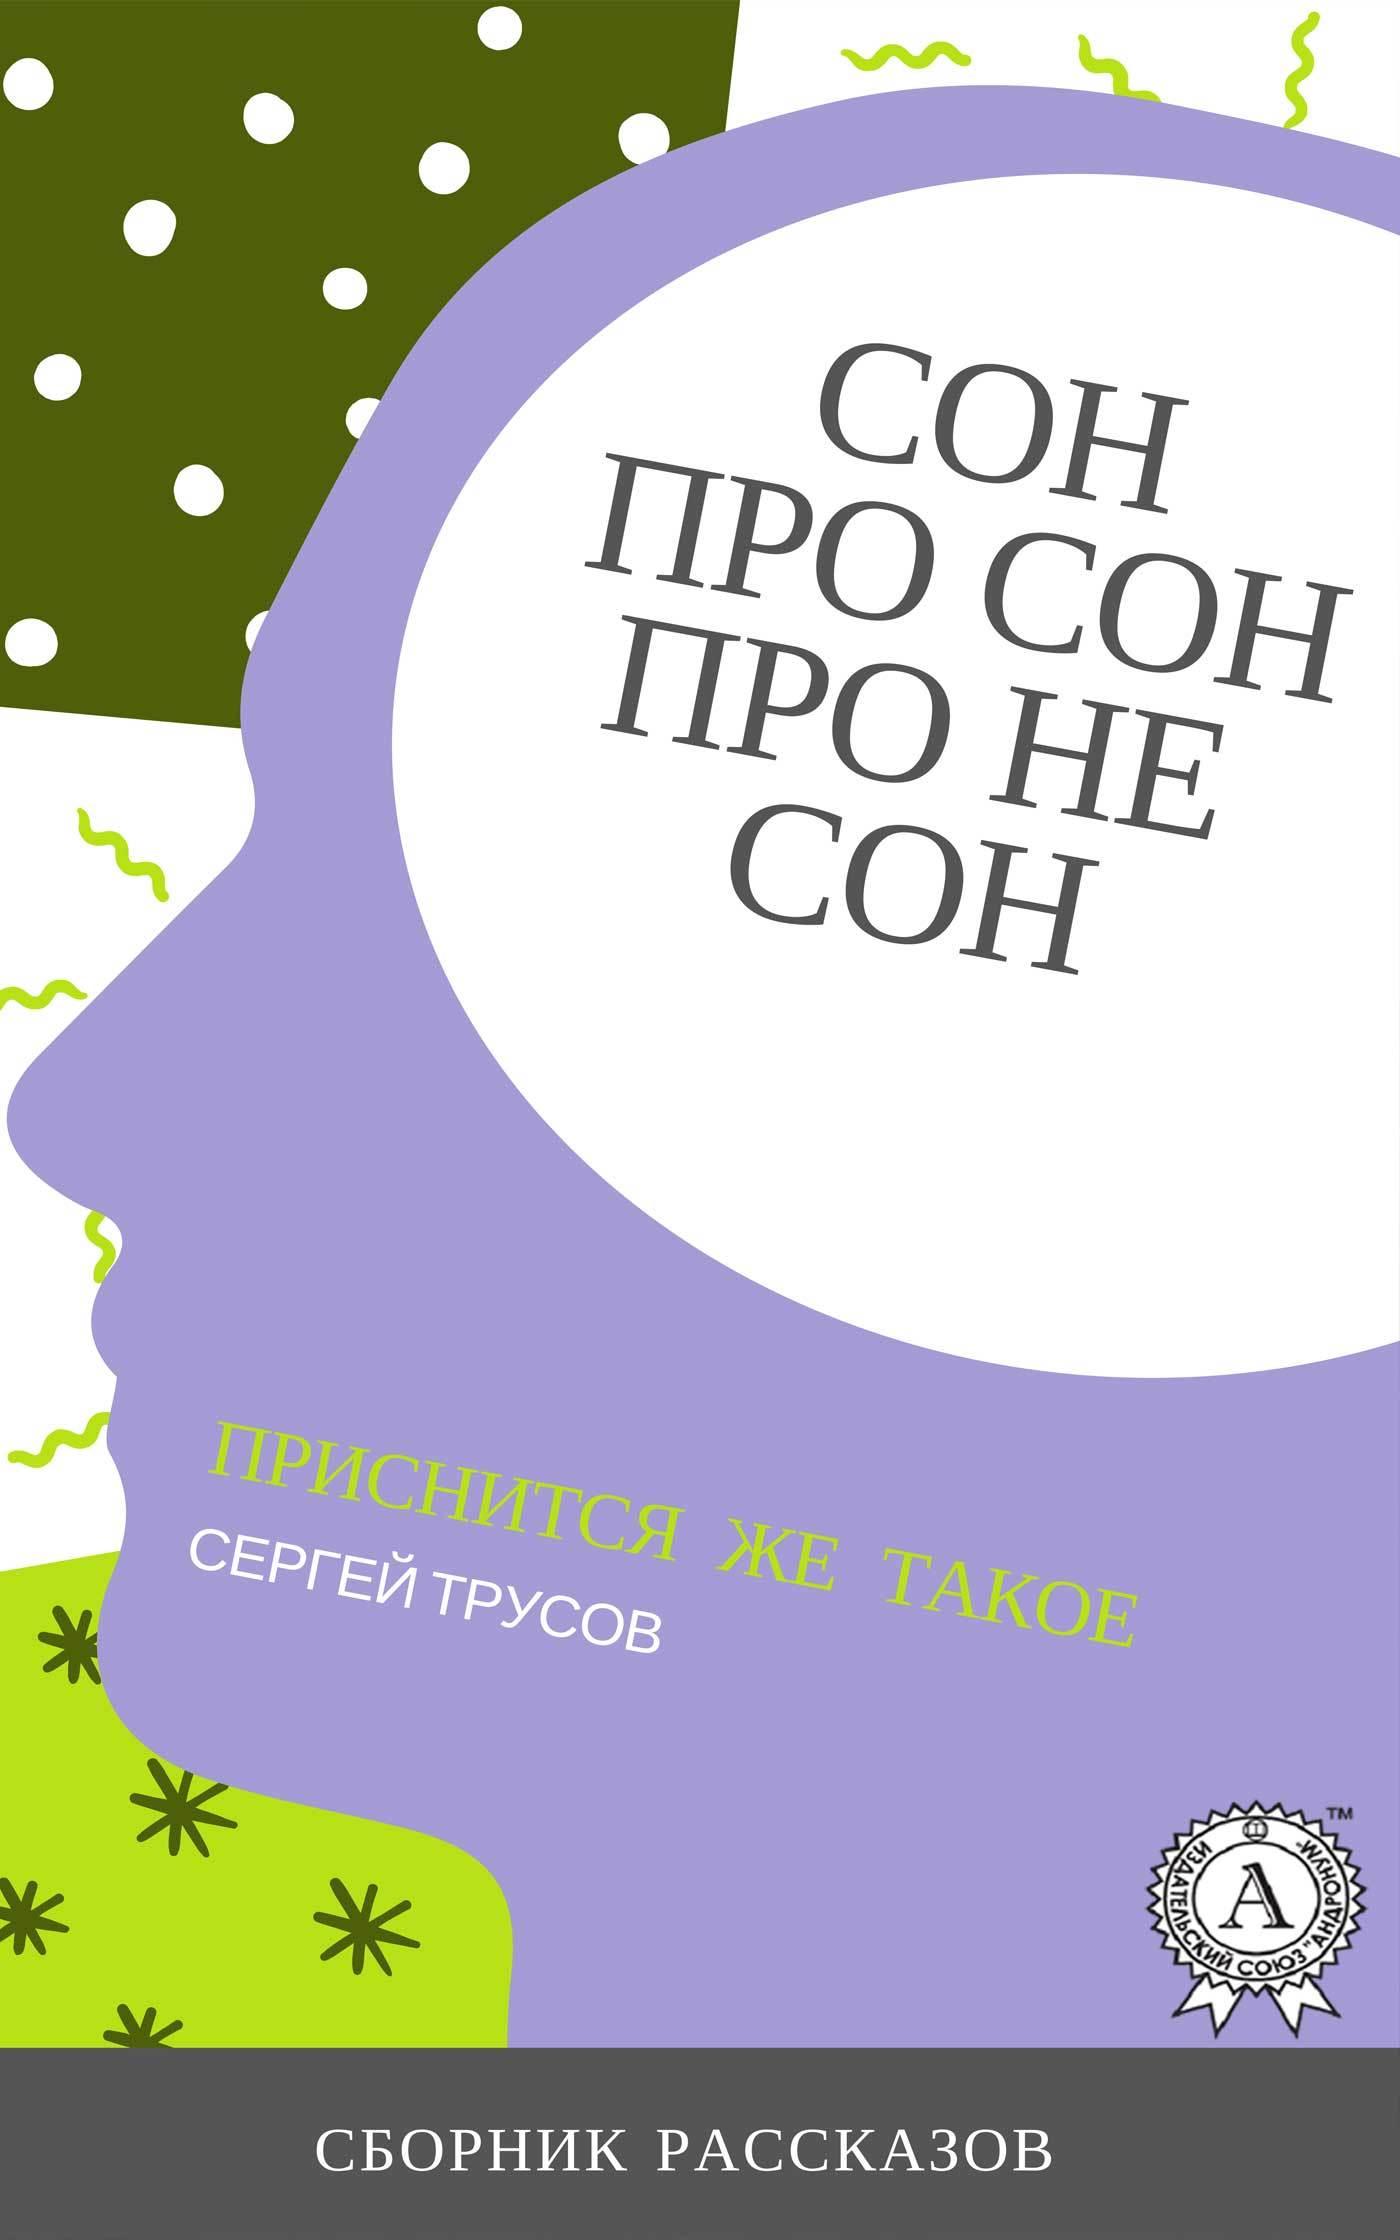 Сергей Трусов Сон, про сон, про не сон сны и судьбы